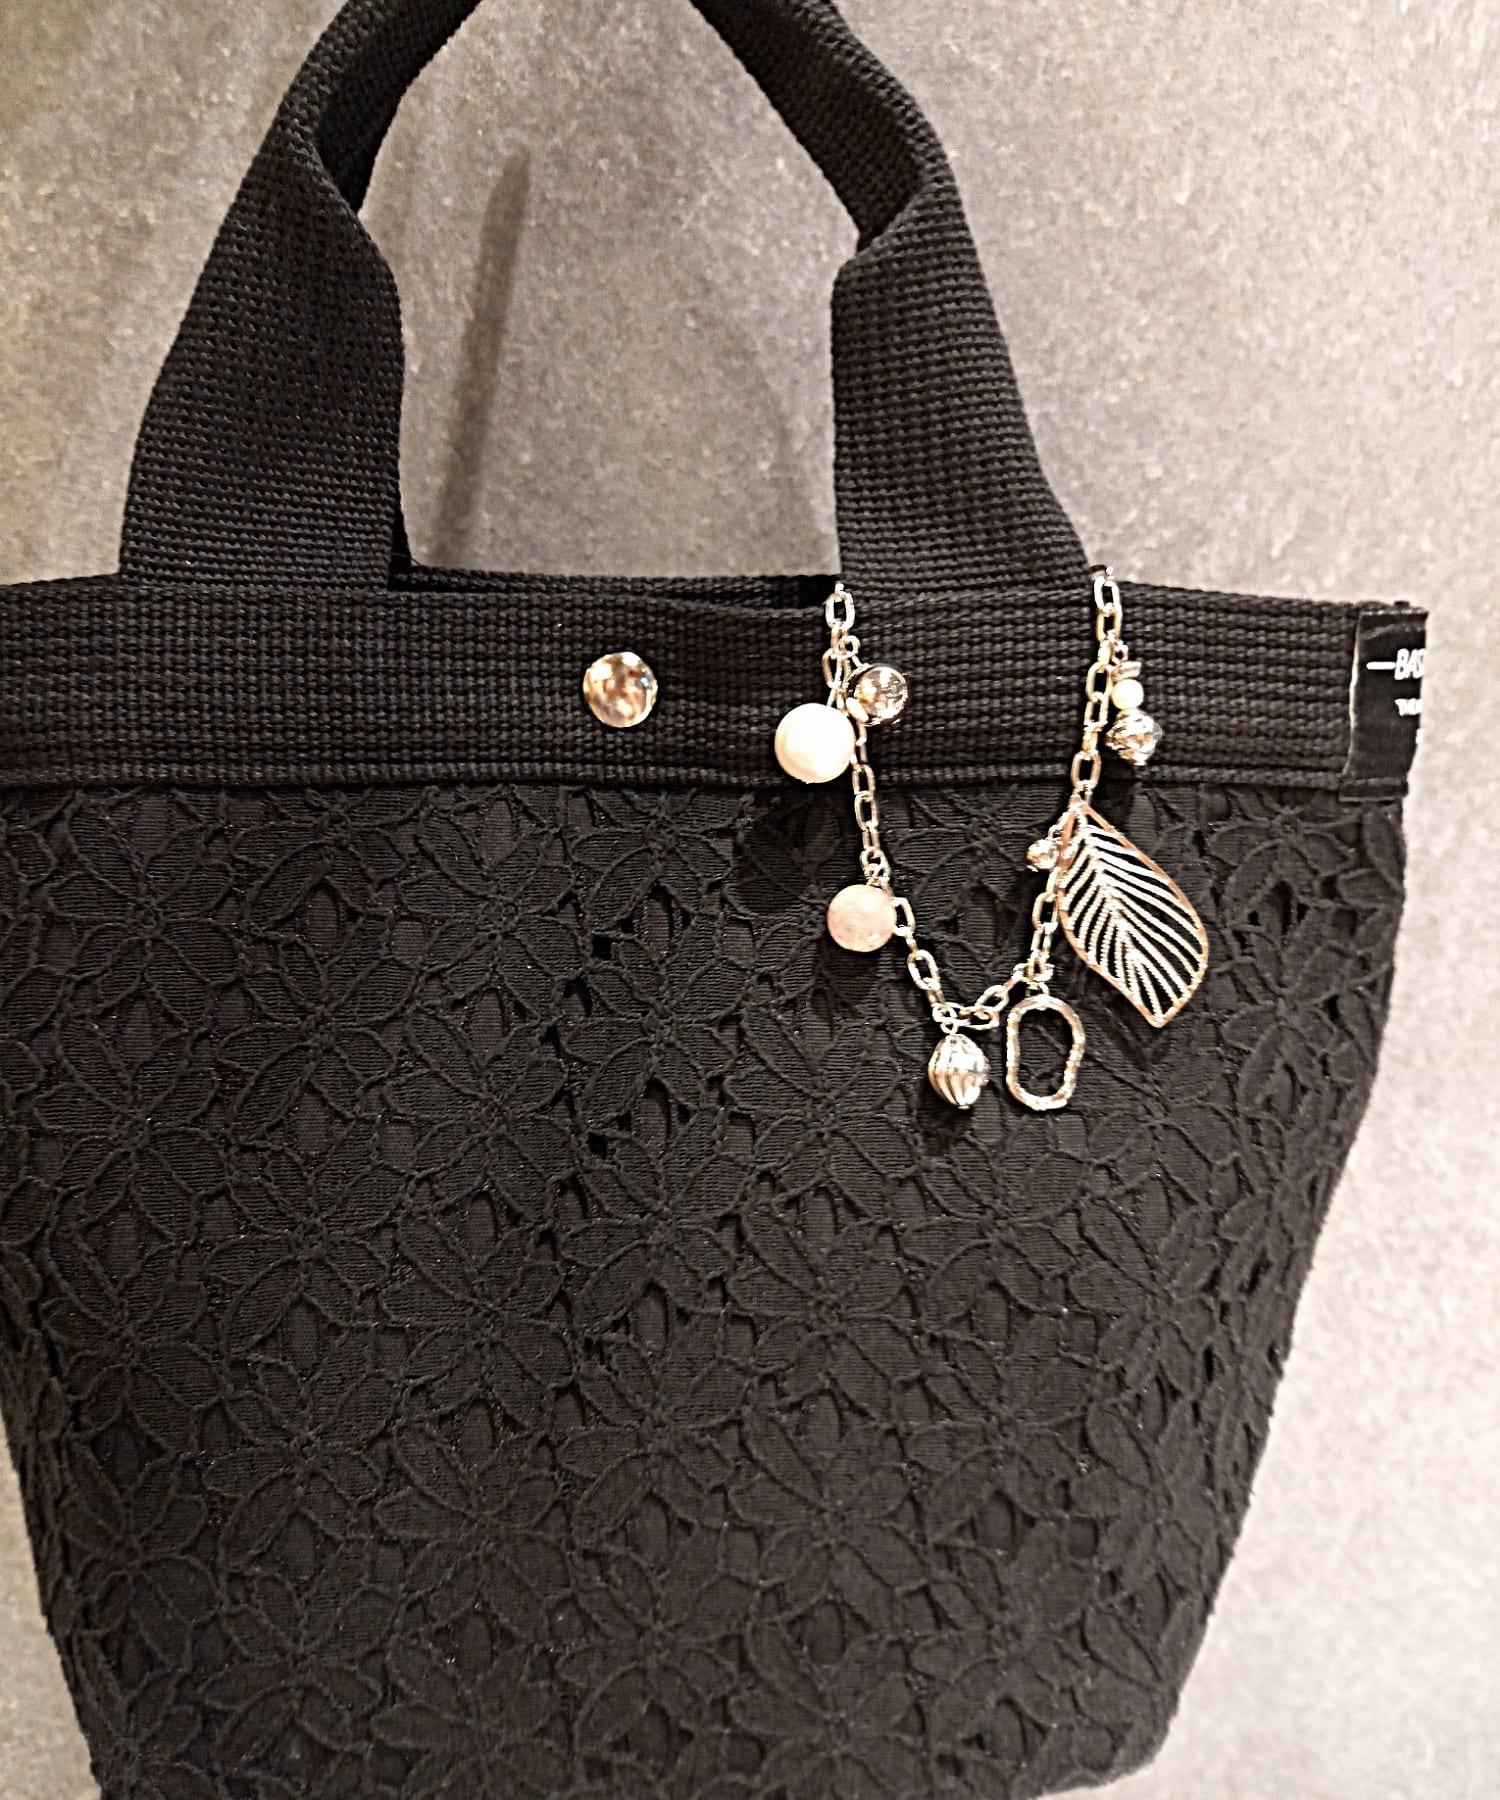 Pal collection(パルコレクション) 《Bag Charm》リーフラインチャーム